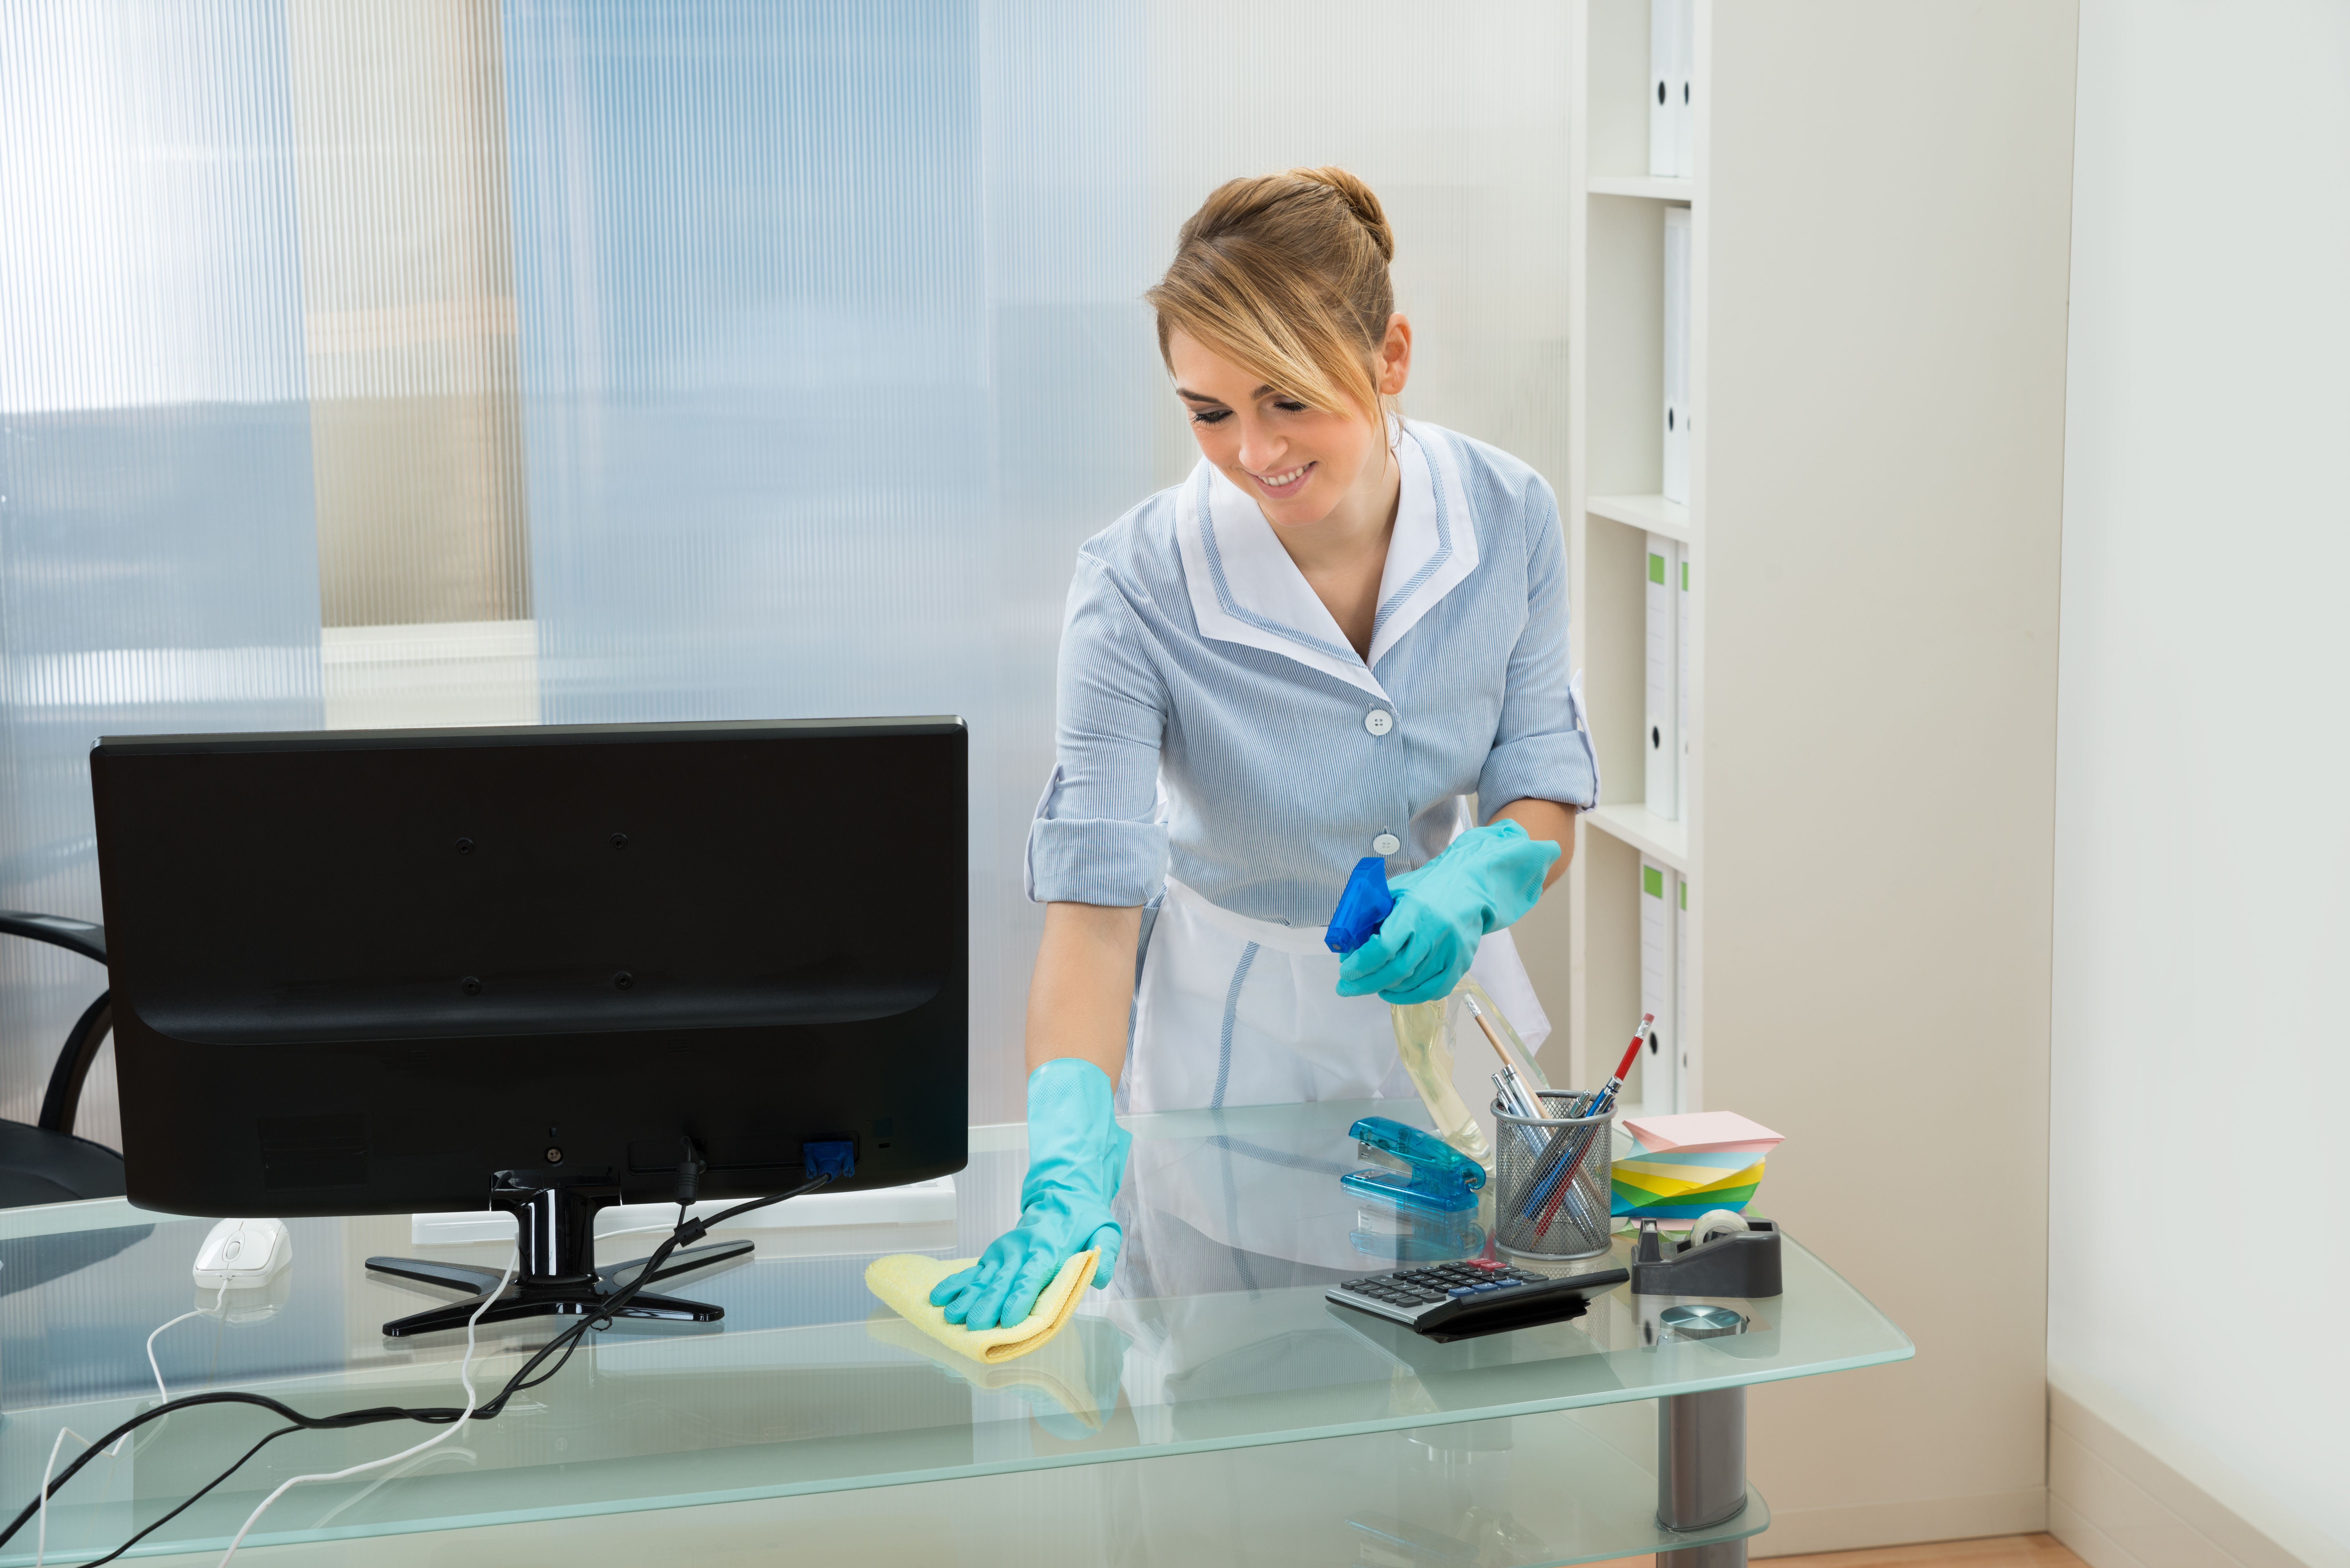 Oficinas: Limpiezas de Limpiezas J & J